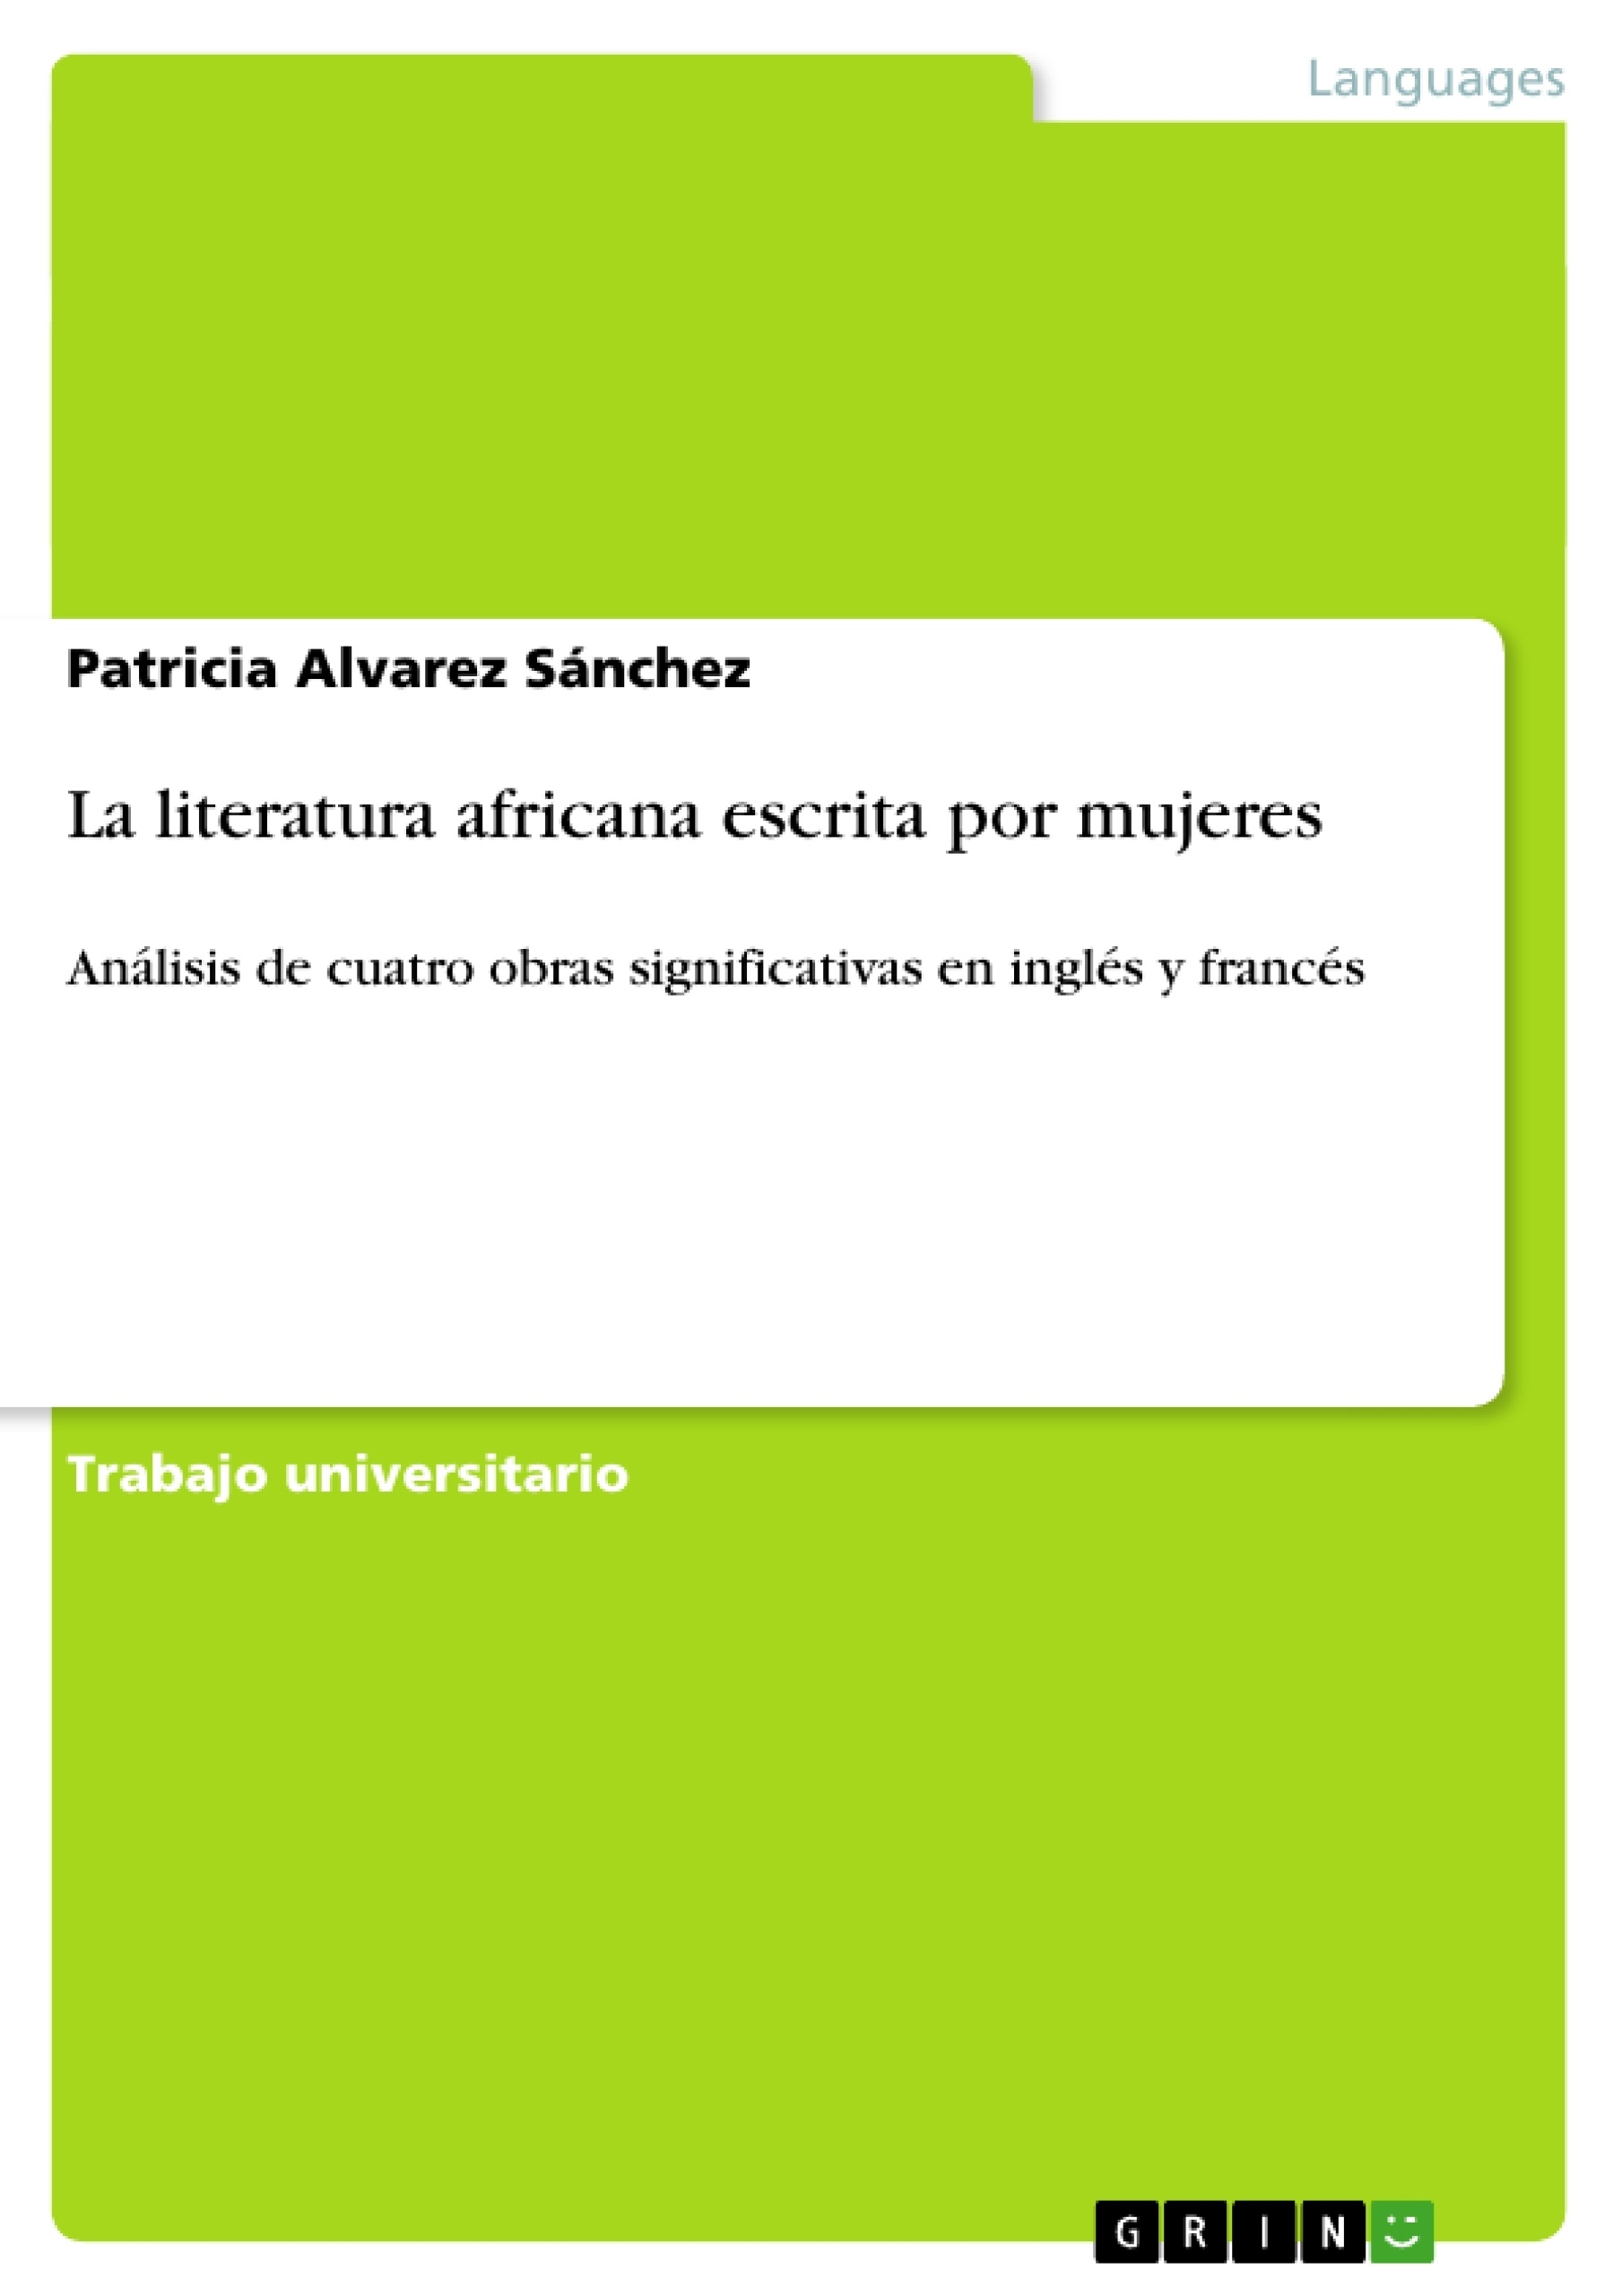 Título: La literatura africana escrita por mujeres